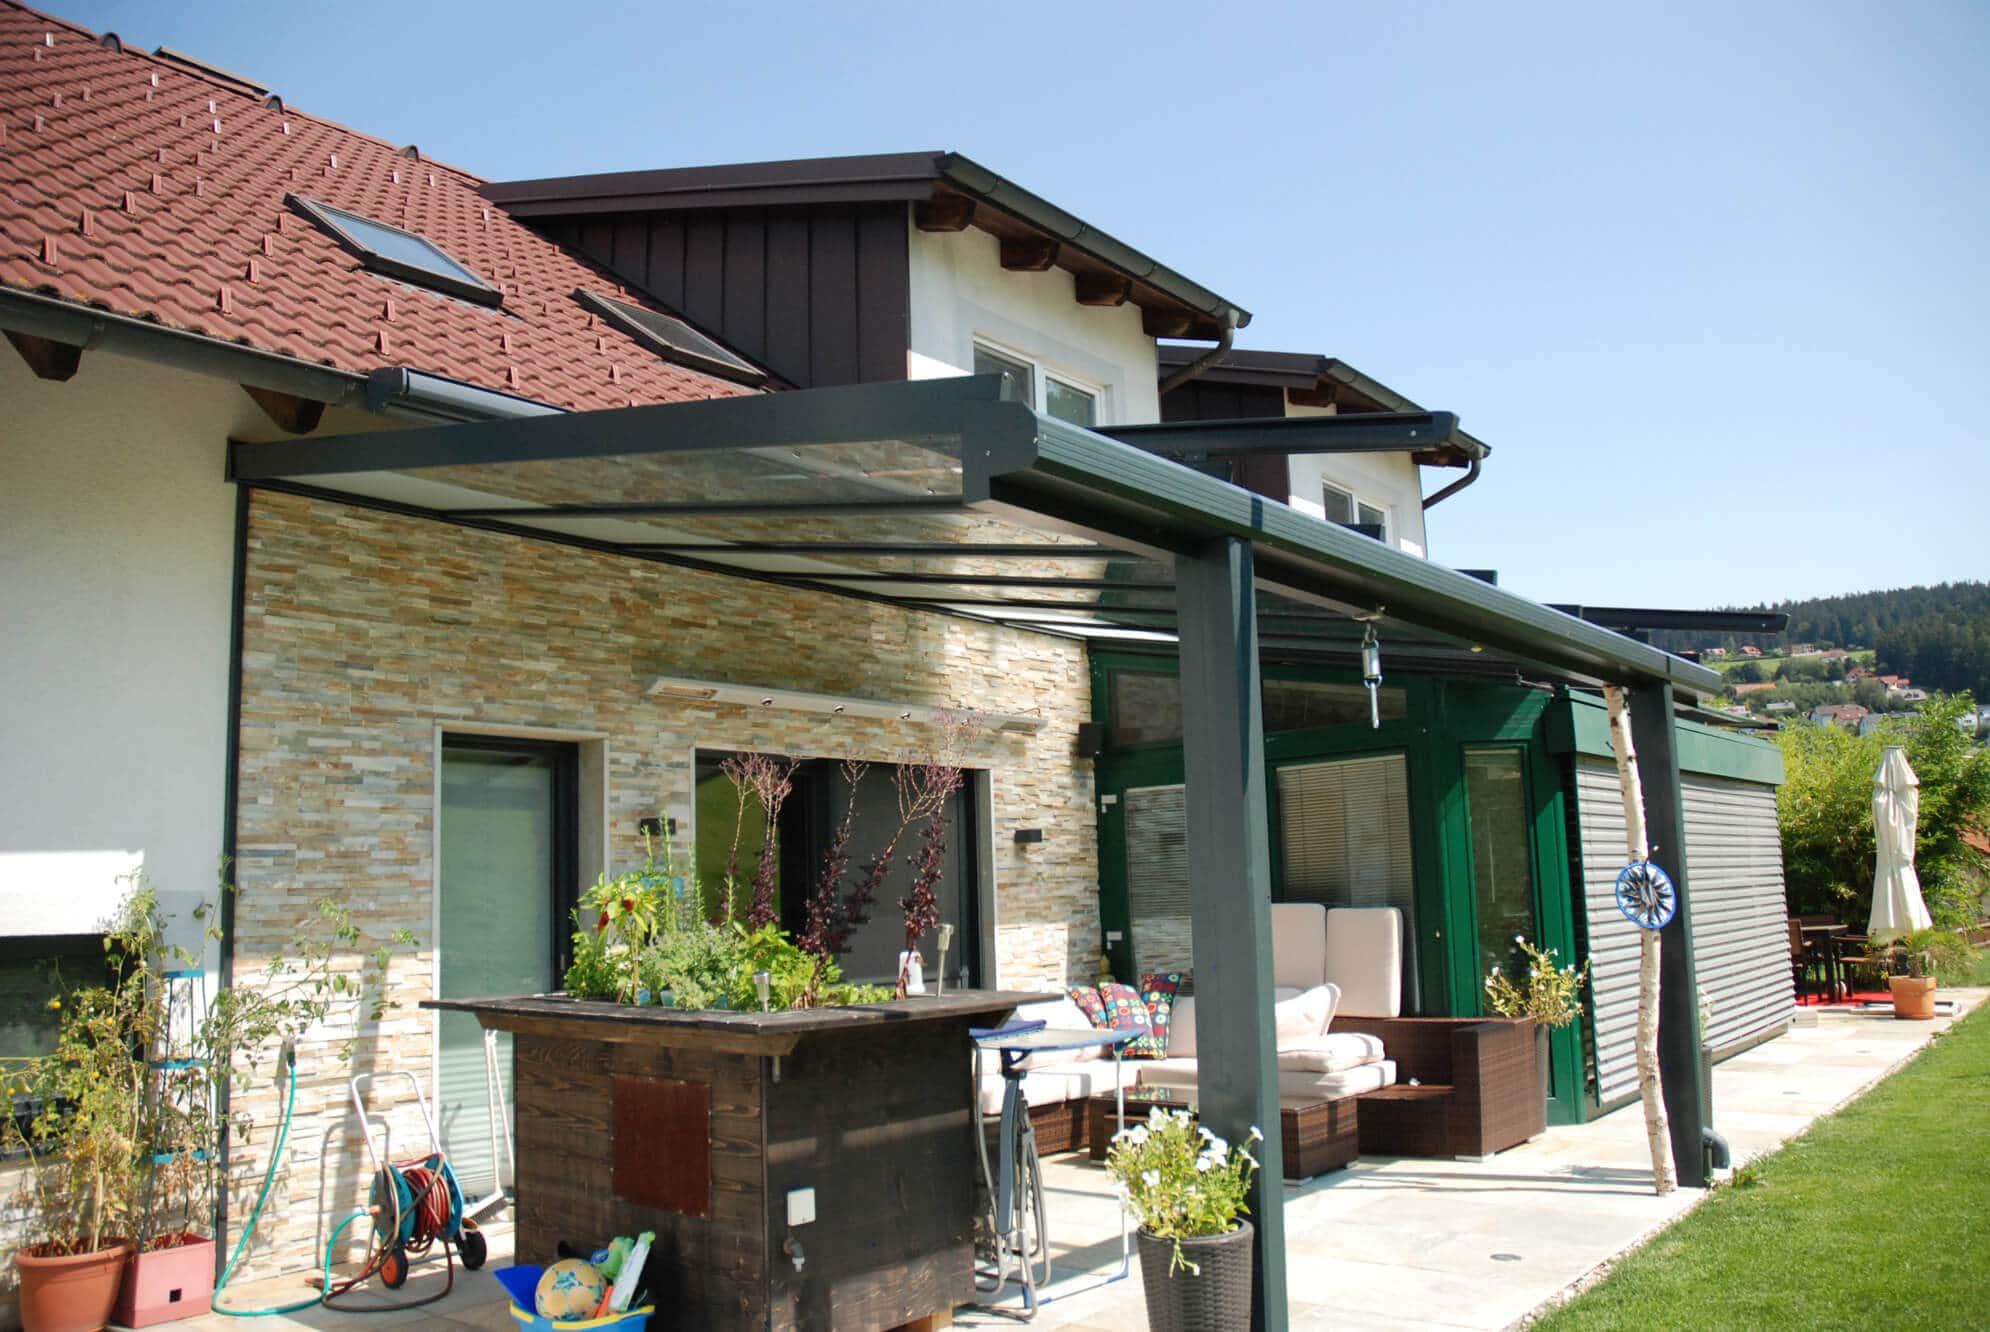 Uberdachte Terrasse Glas Inspiration Und Ideen Fur Terrassendacher